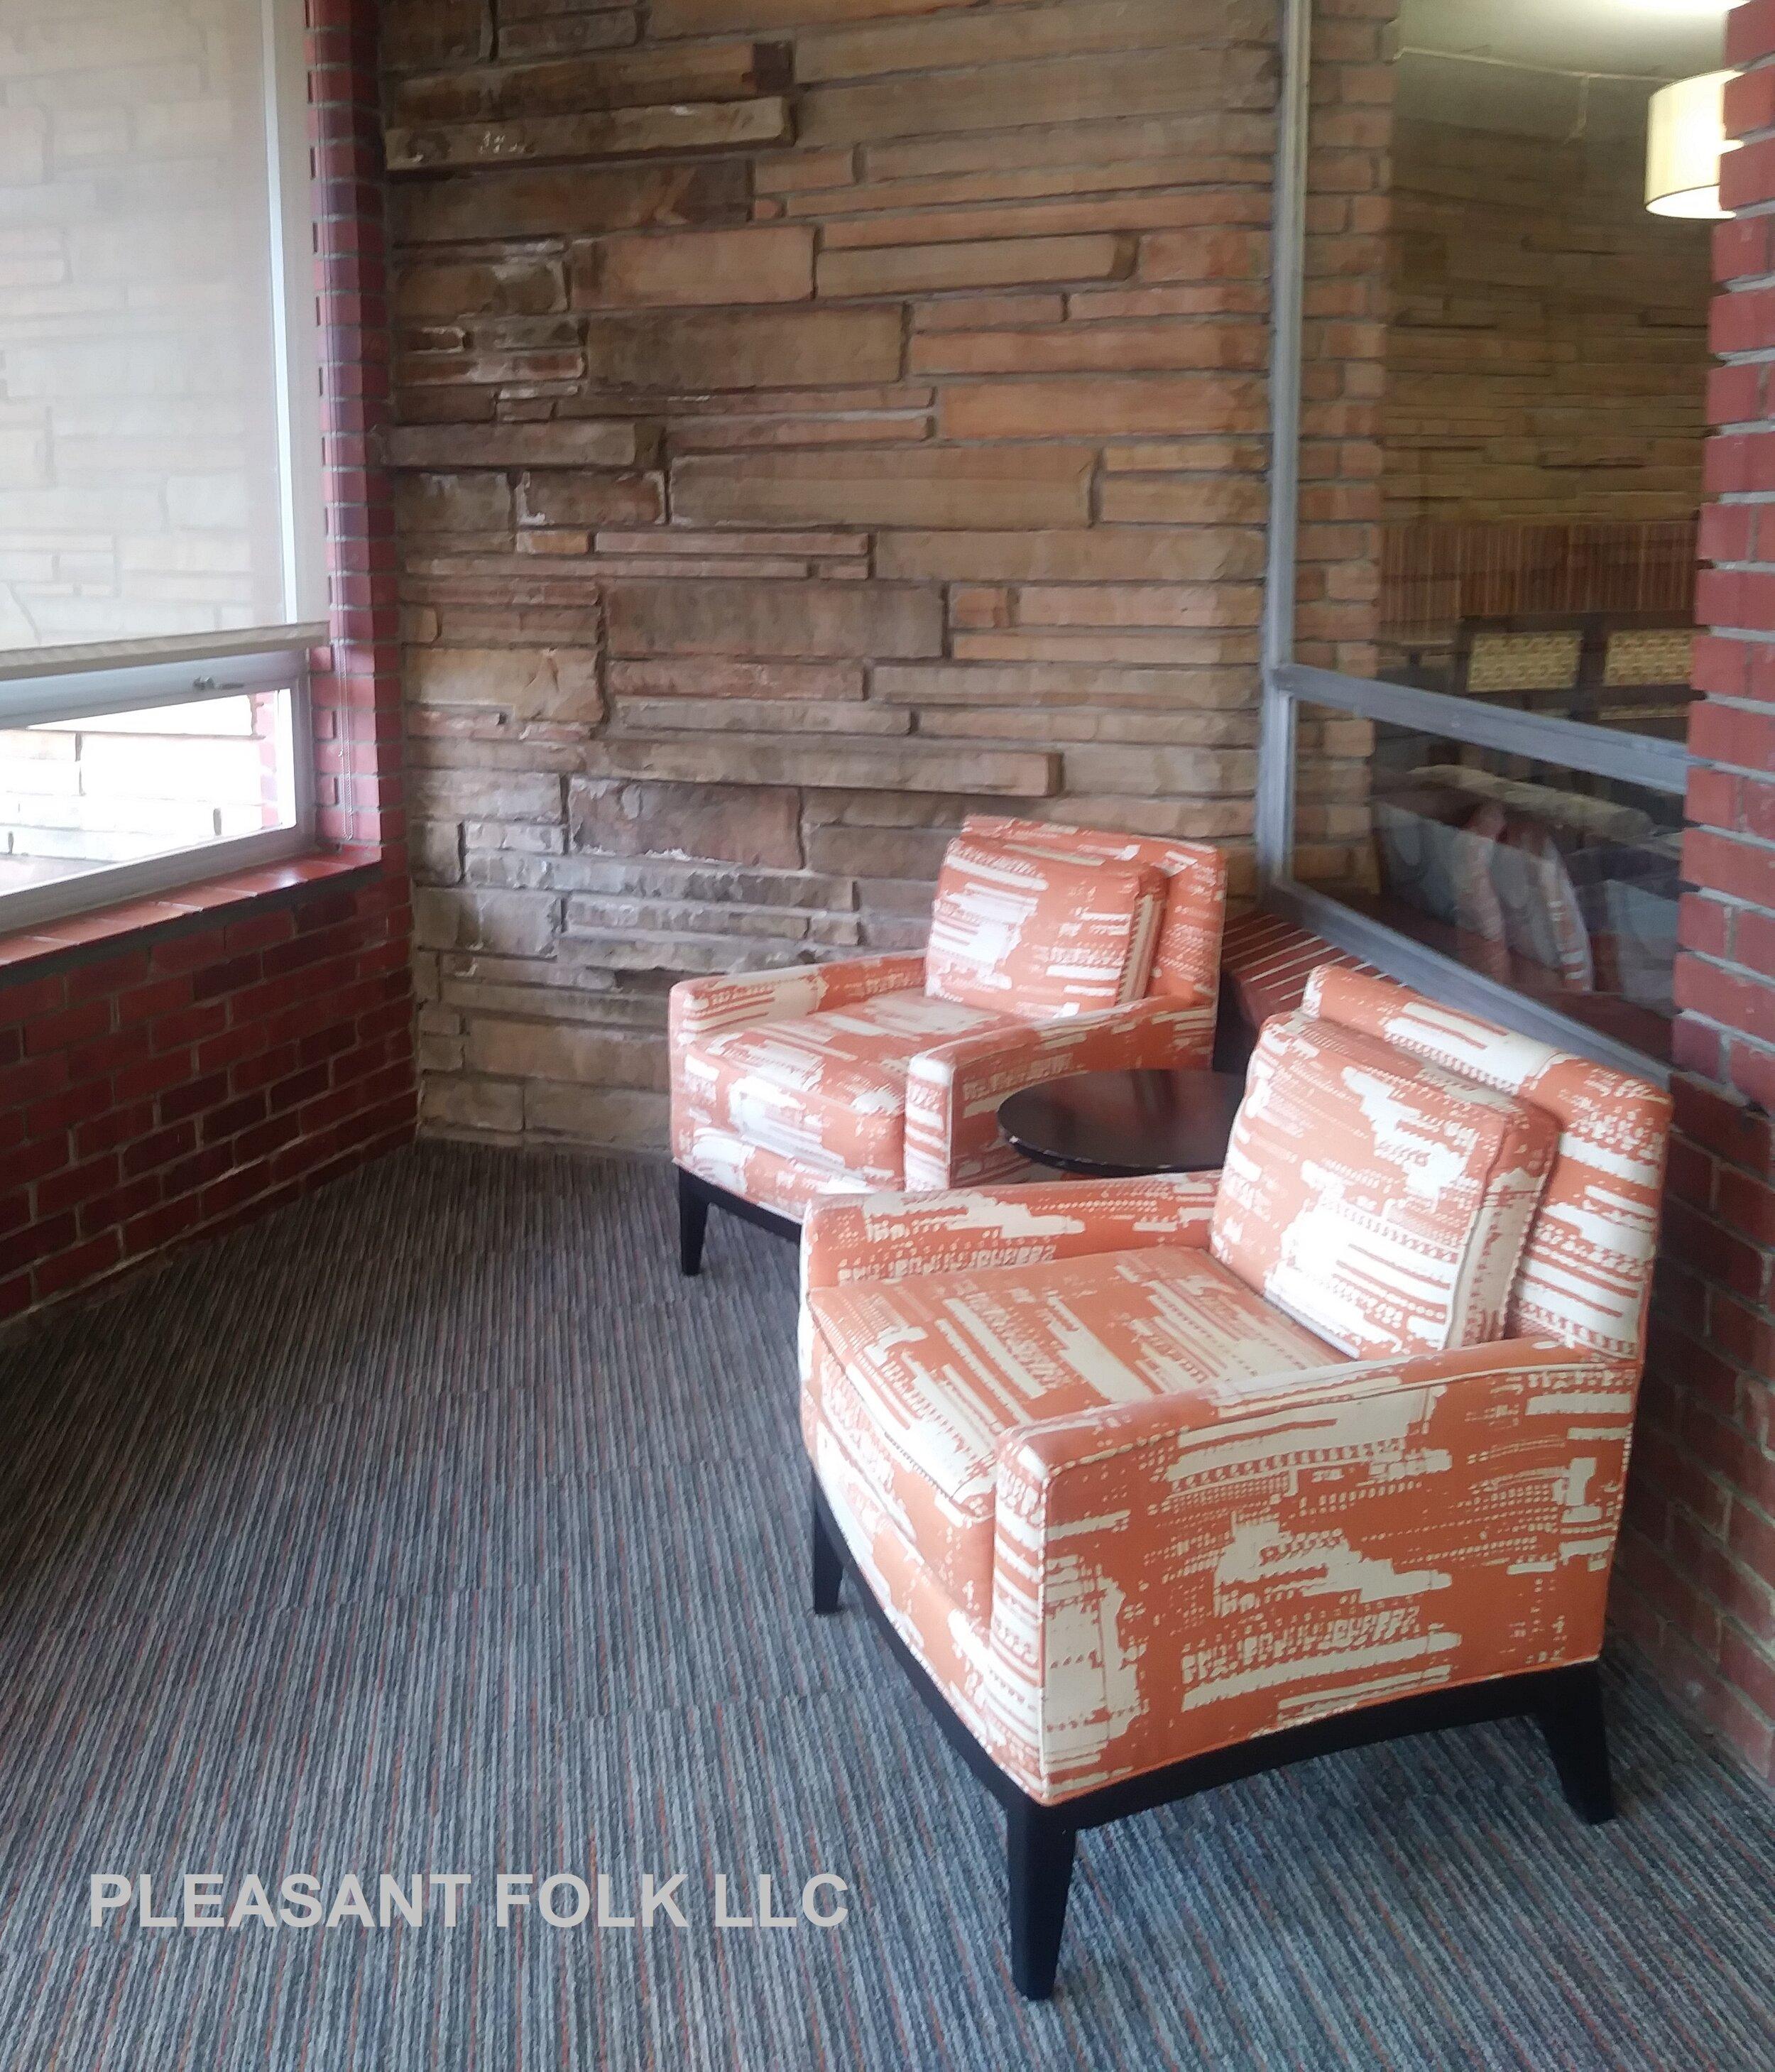 OK Sequoyah Lodge 2019 9 watermark.jpg